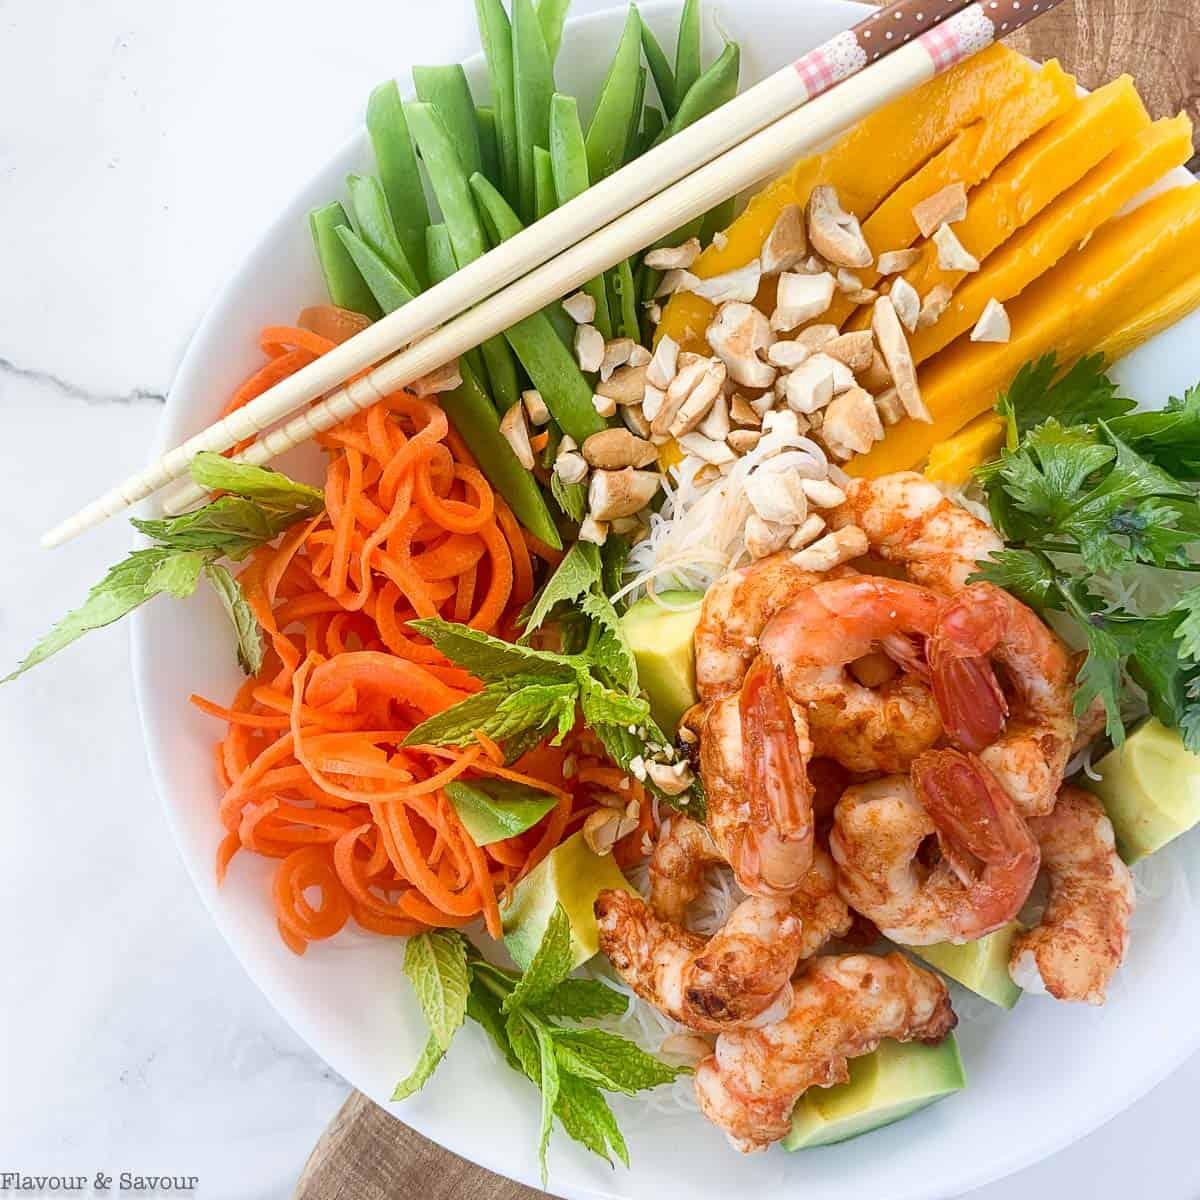 Vietnamese Shrimp Noodle Bowl with Nuoc Cham dressing